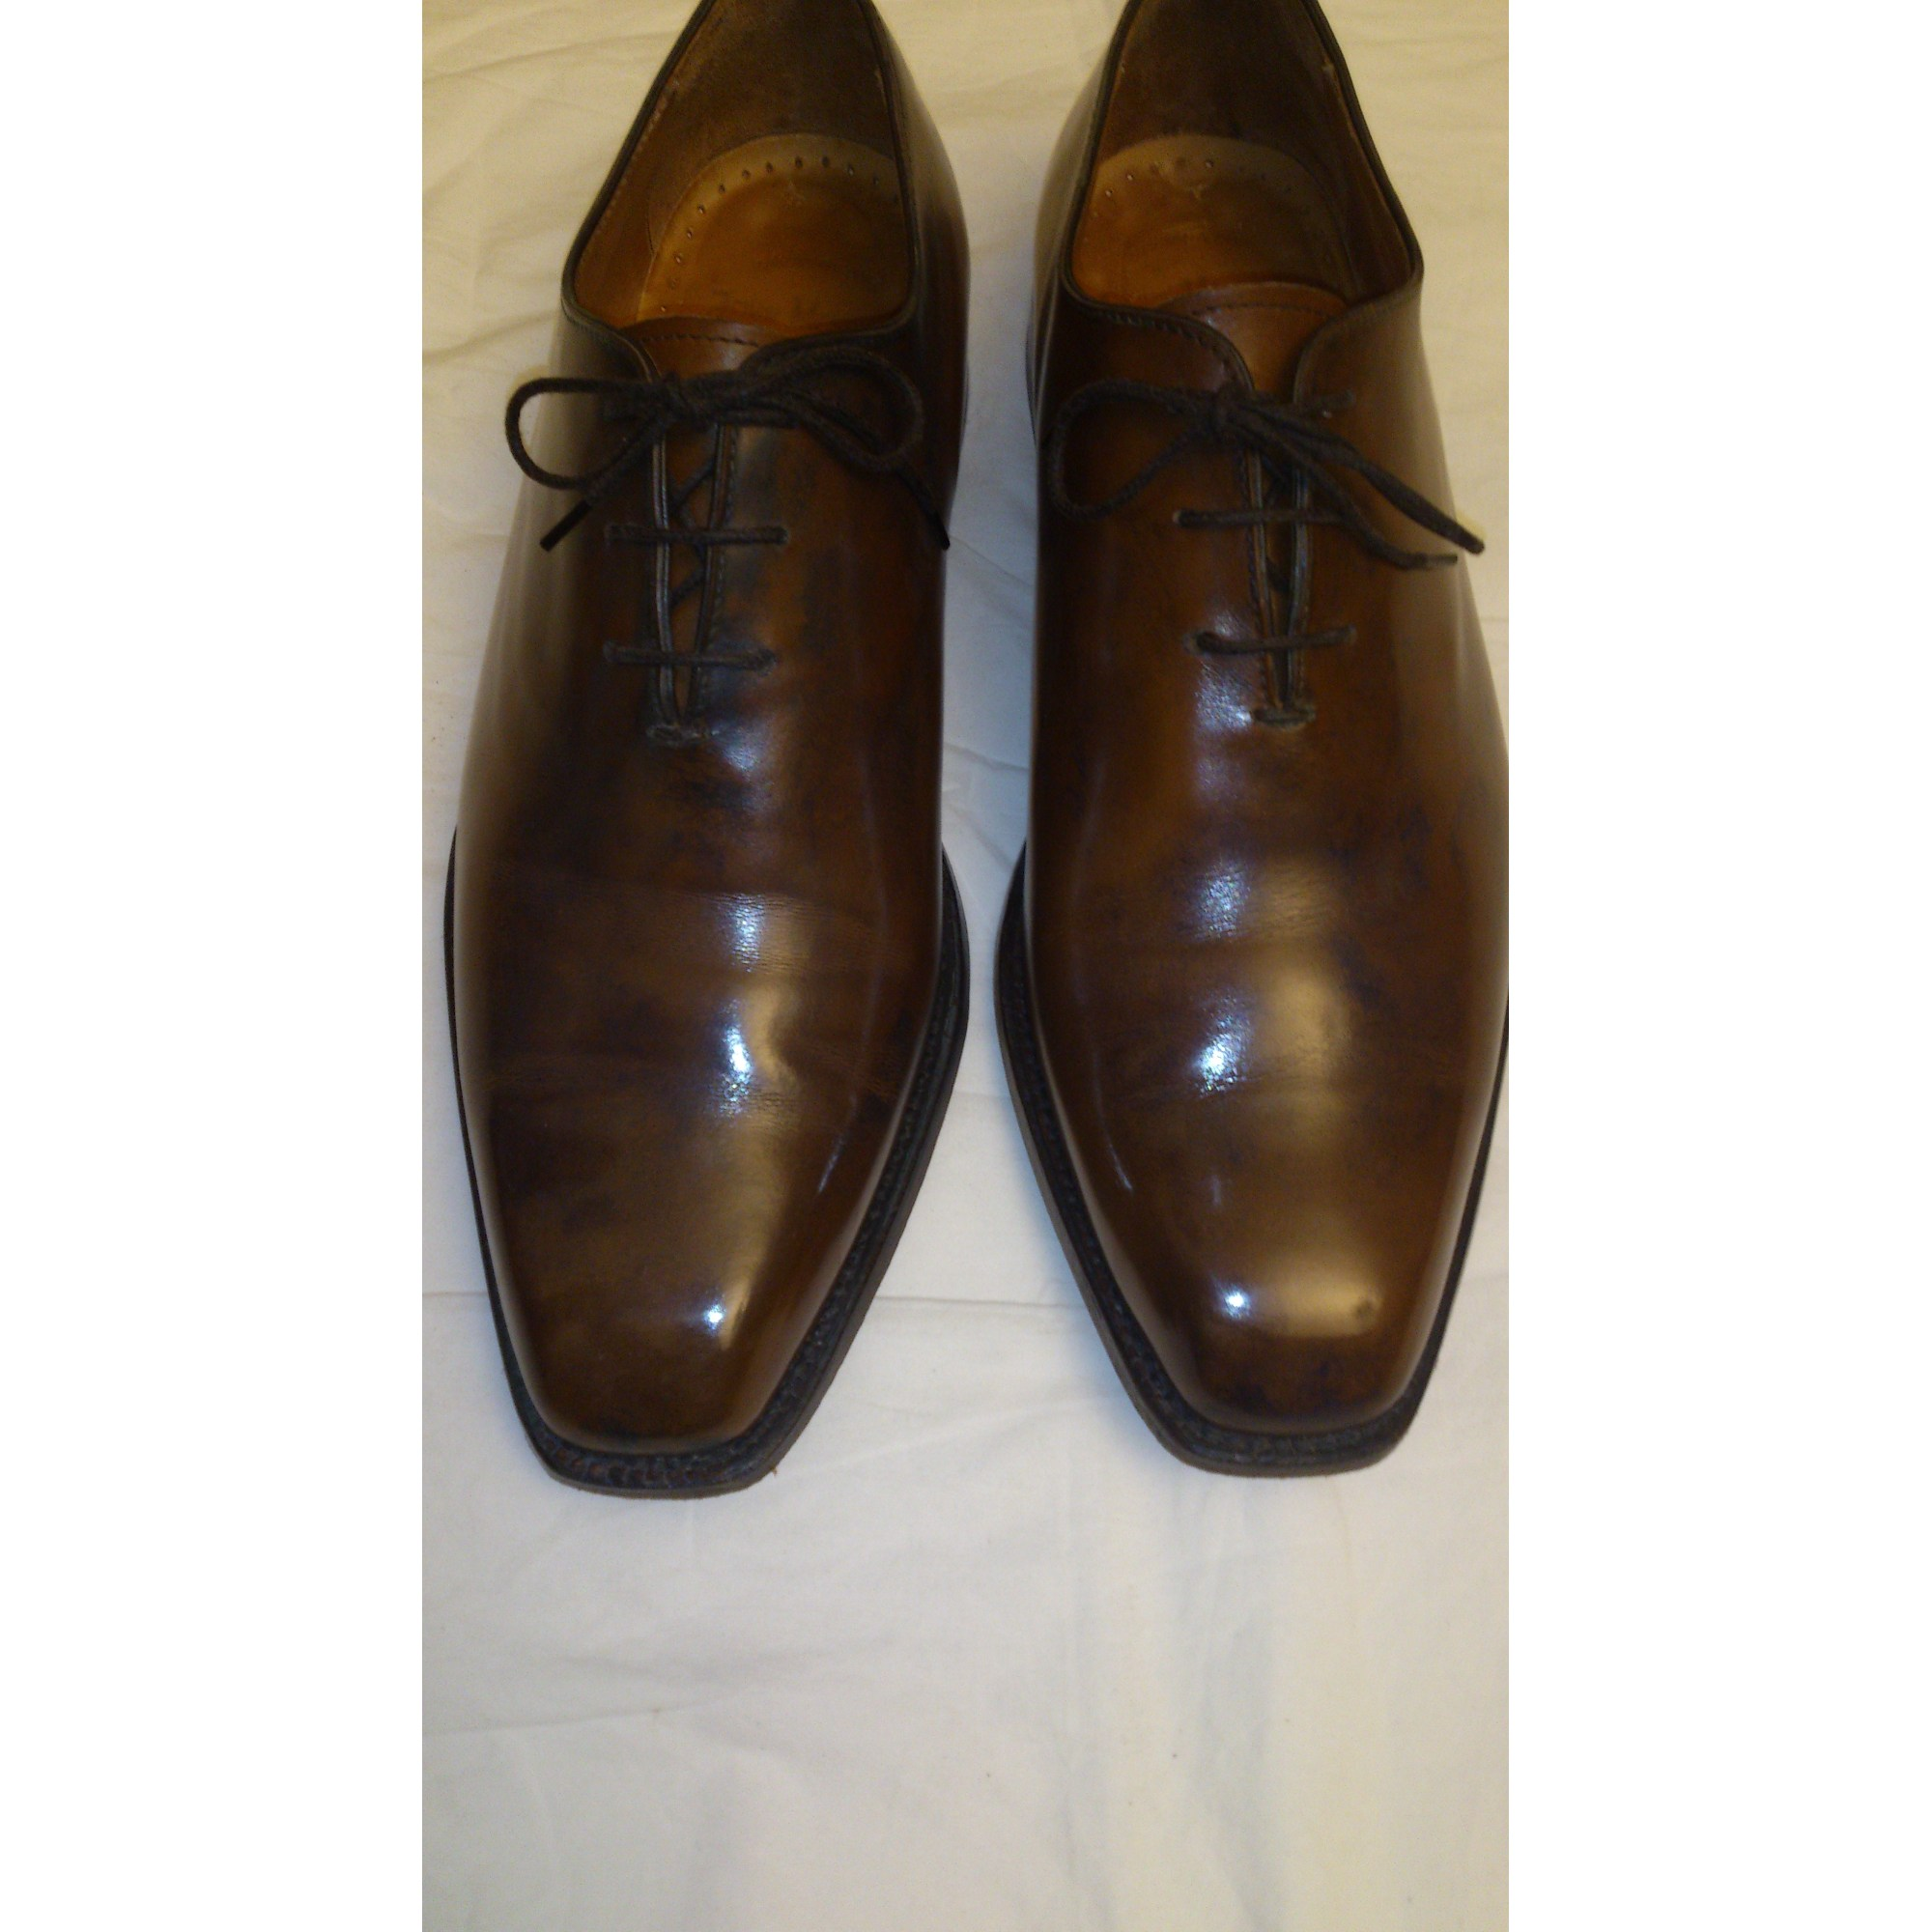 ebc53ca76002 Chaussures à lacets JOHN MENDSON 42 marron vendu par Tomboss - 3357686